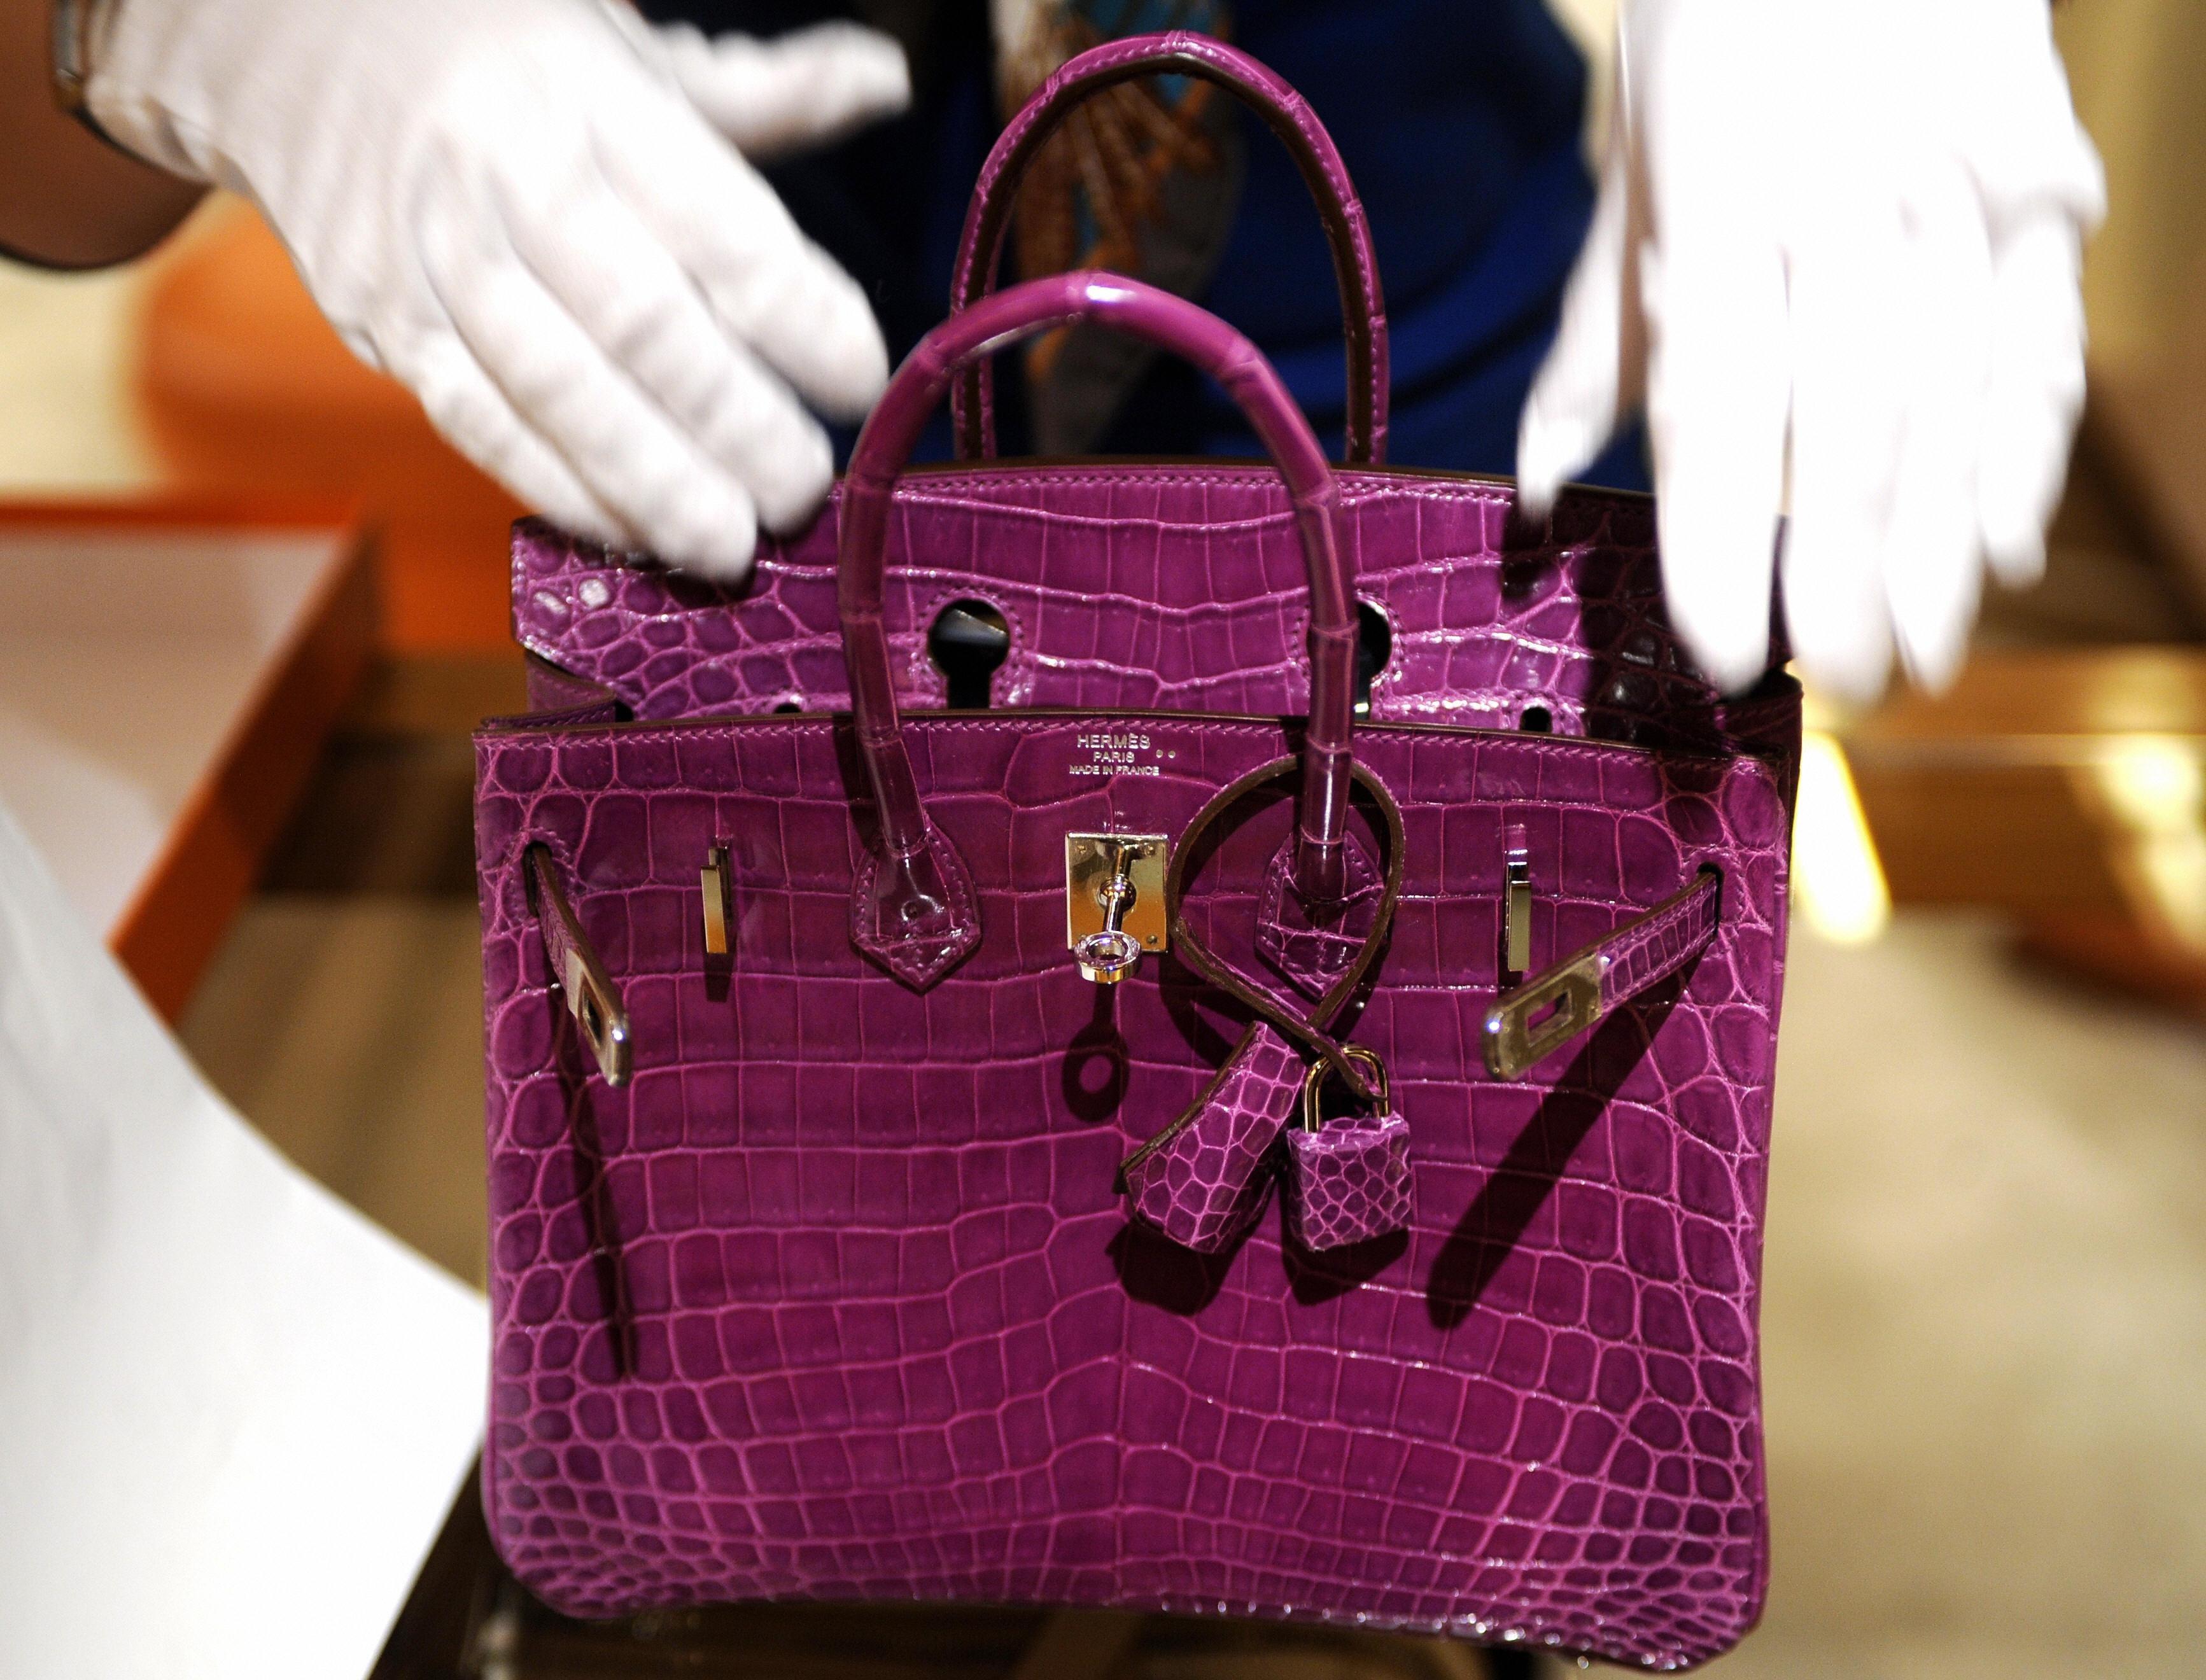 hermes birkin for sale - Birkin asks Hermes to take her name off croc handbag